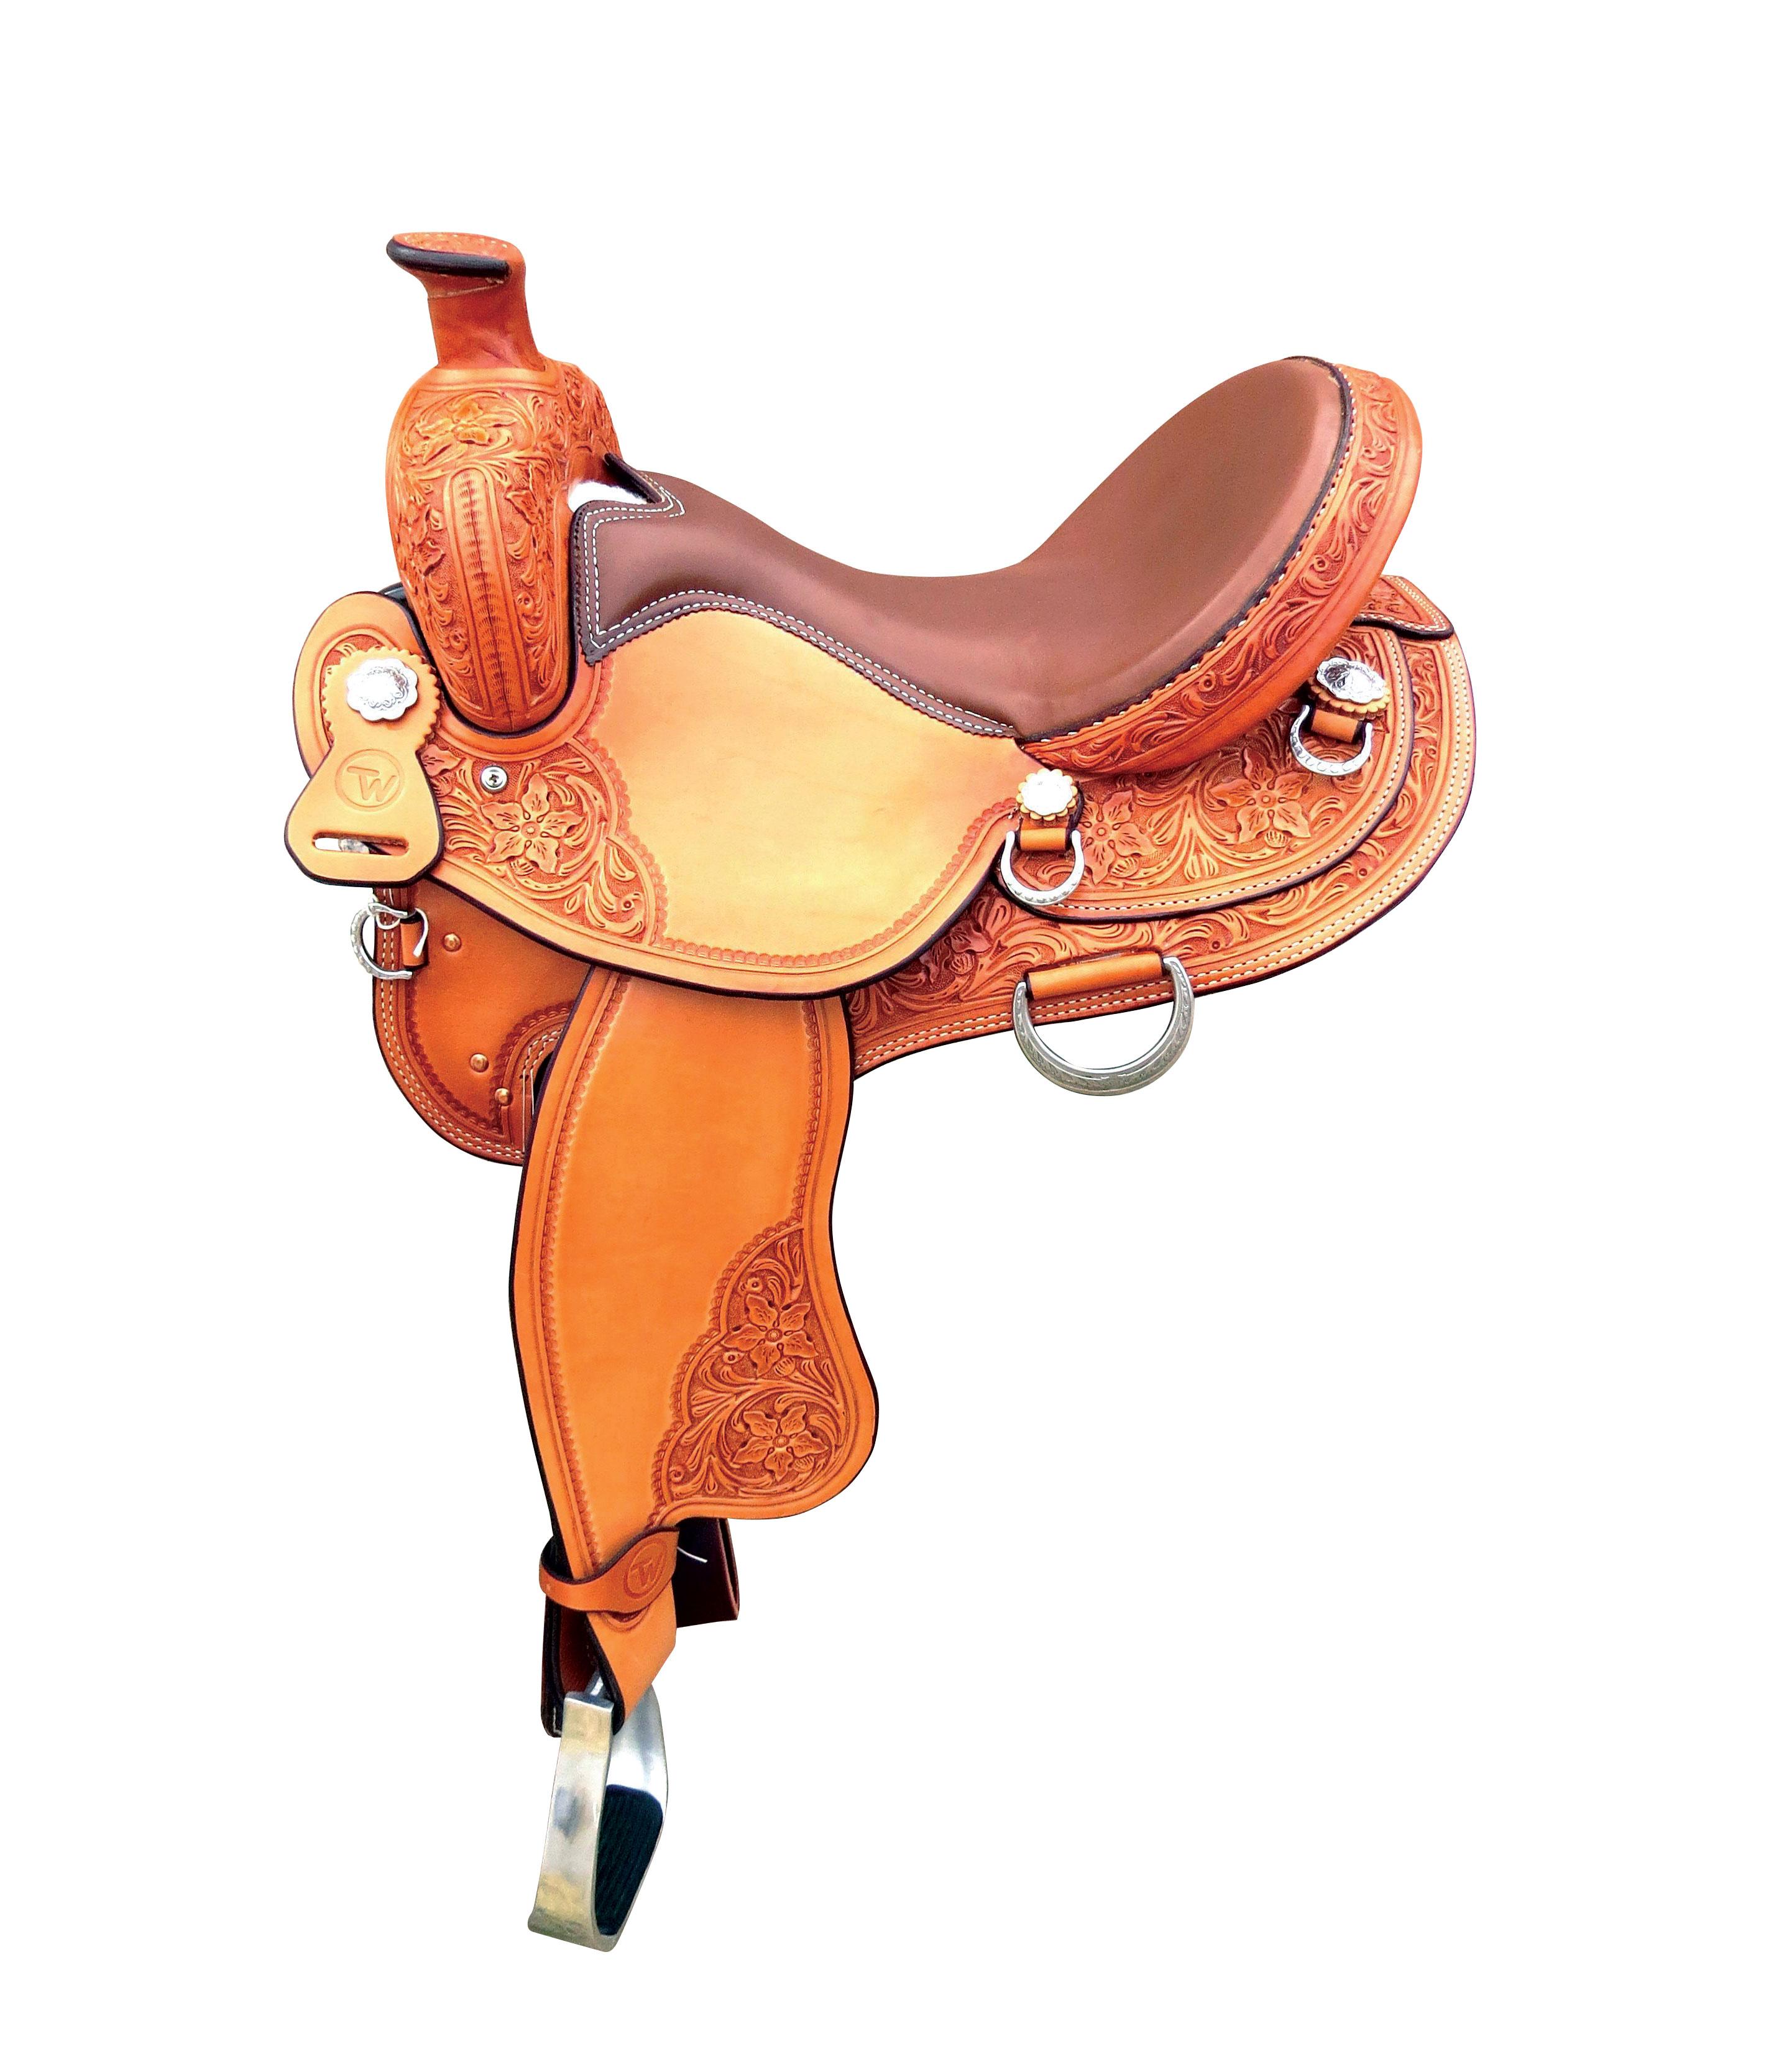 Texas Wade Saddle - TW Saddlery